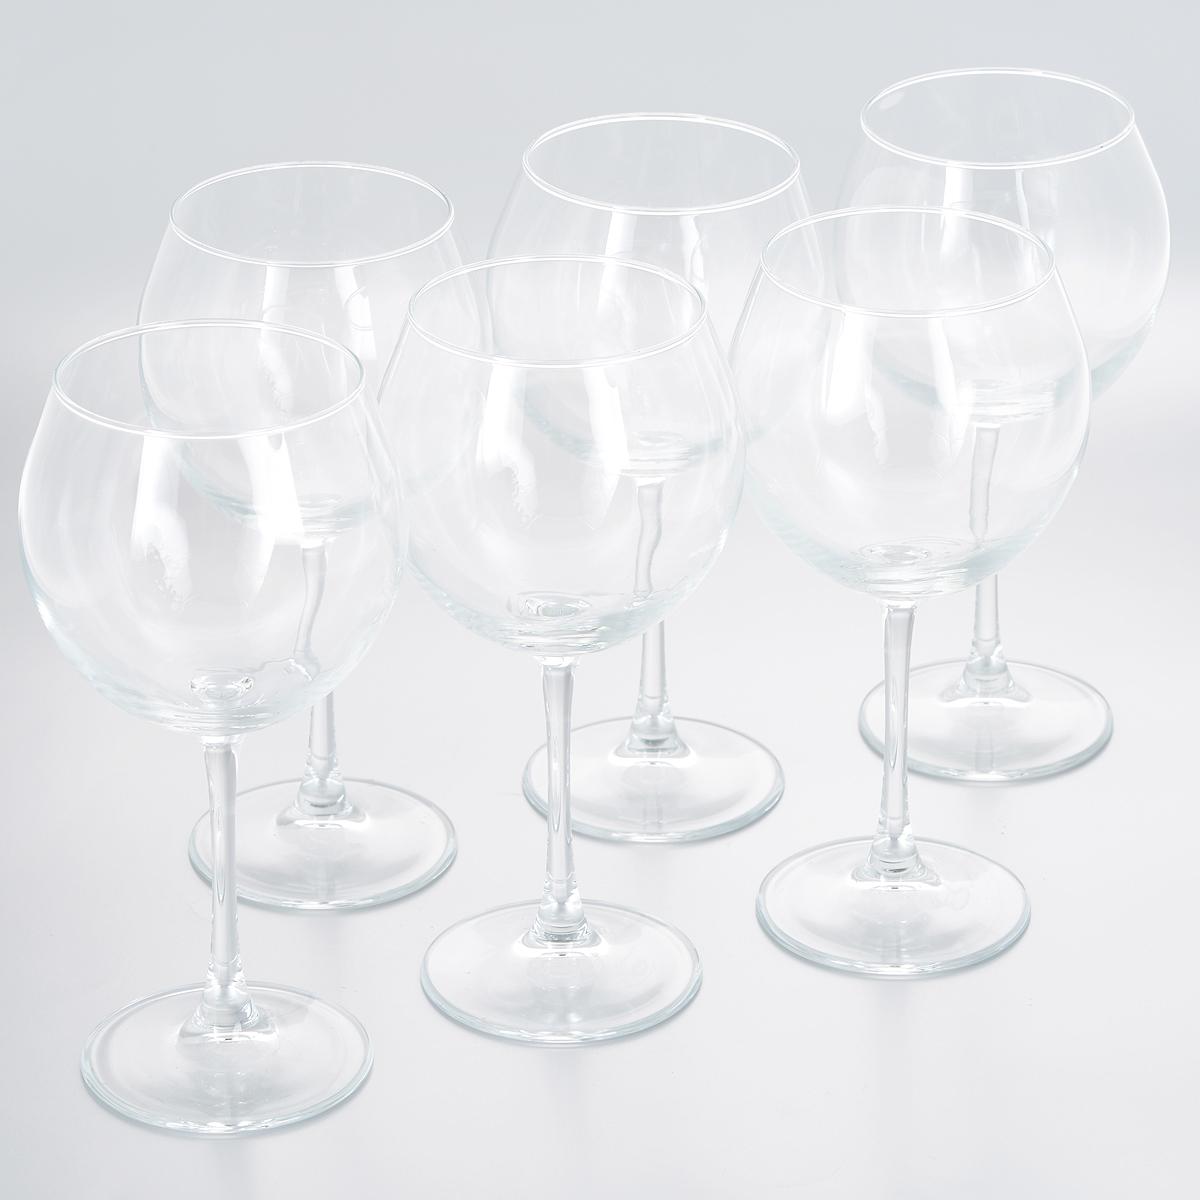 Набор фужеров для вина Pasabahce Enoteca, 630 мл, 6 штVT-1520(SR)Набор Pasabahce Enoteca состоит из шести фужеров на длинных ножках, выполненных из прочного натрий-кальций-силикатного стекла. Фужеры излучают приятный блеск и издают мелодичный звон. Предназначены для красного и белого вина. Набор фужеров Pasabahce Enoteca прекрасно оформит праздничный стол и станет хорошим подарком к любому случаю. Можно мыть в посудомоечной машине и использовать в микроволновой печи.